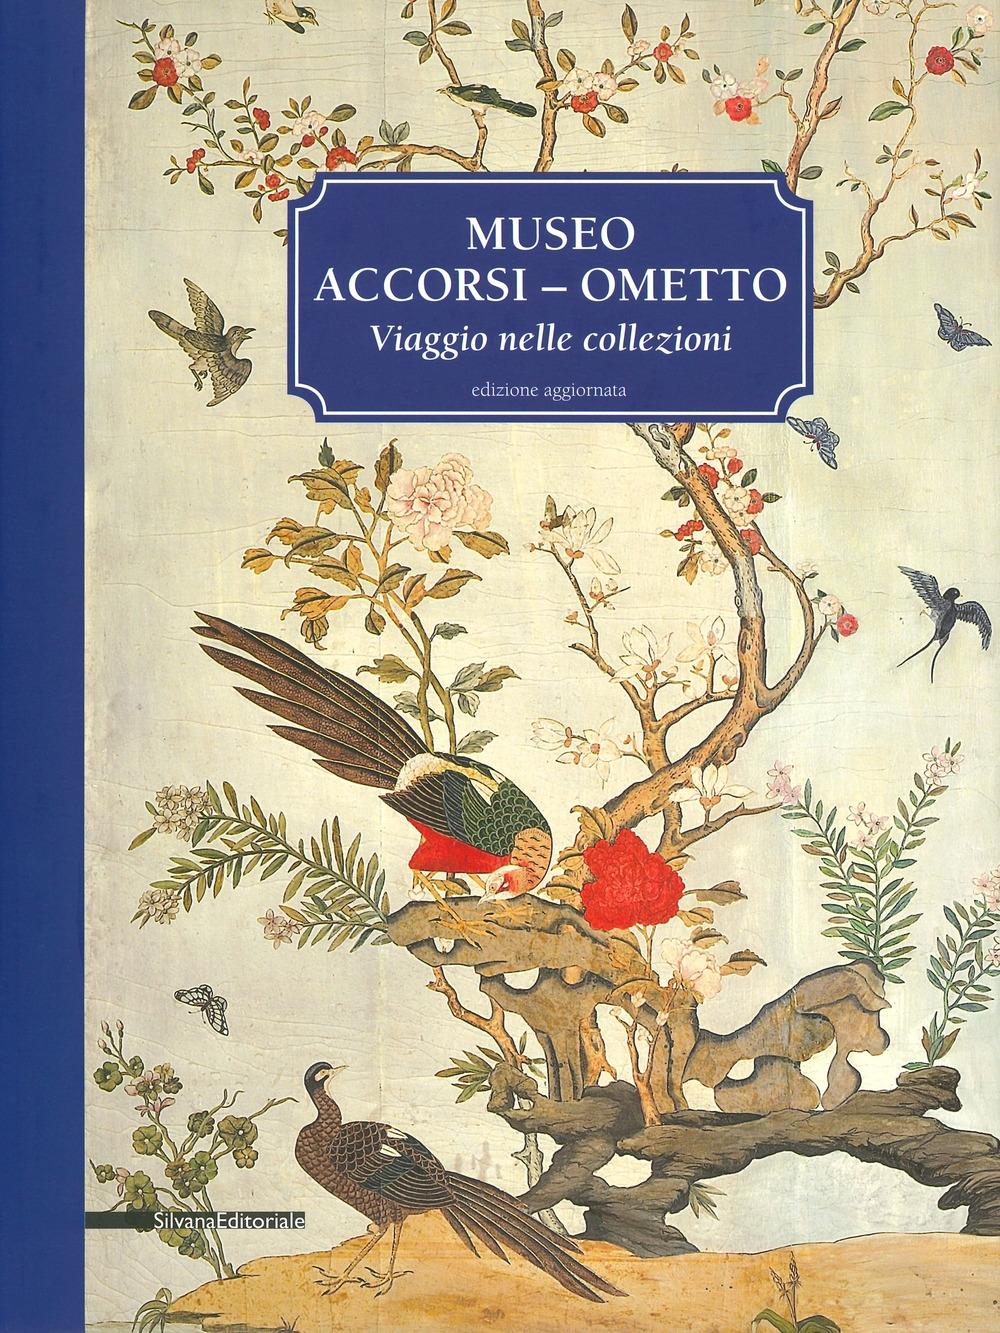 Museo Accorsi-Ometto. Viaggio nelle collezioni. Edizione aggiornata